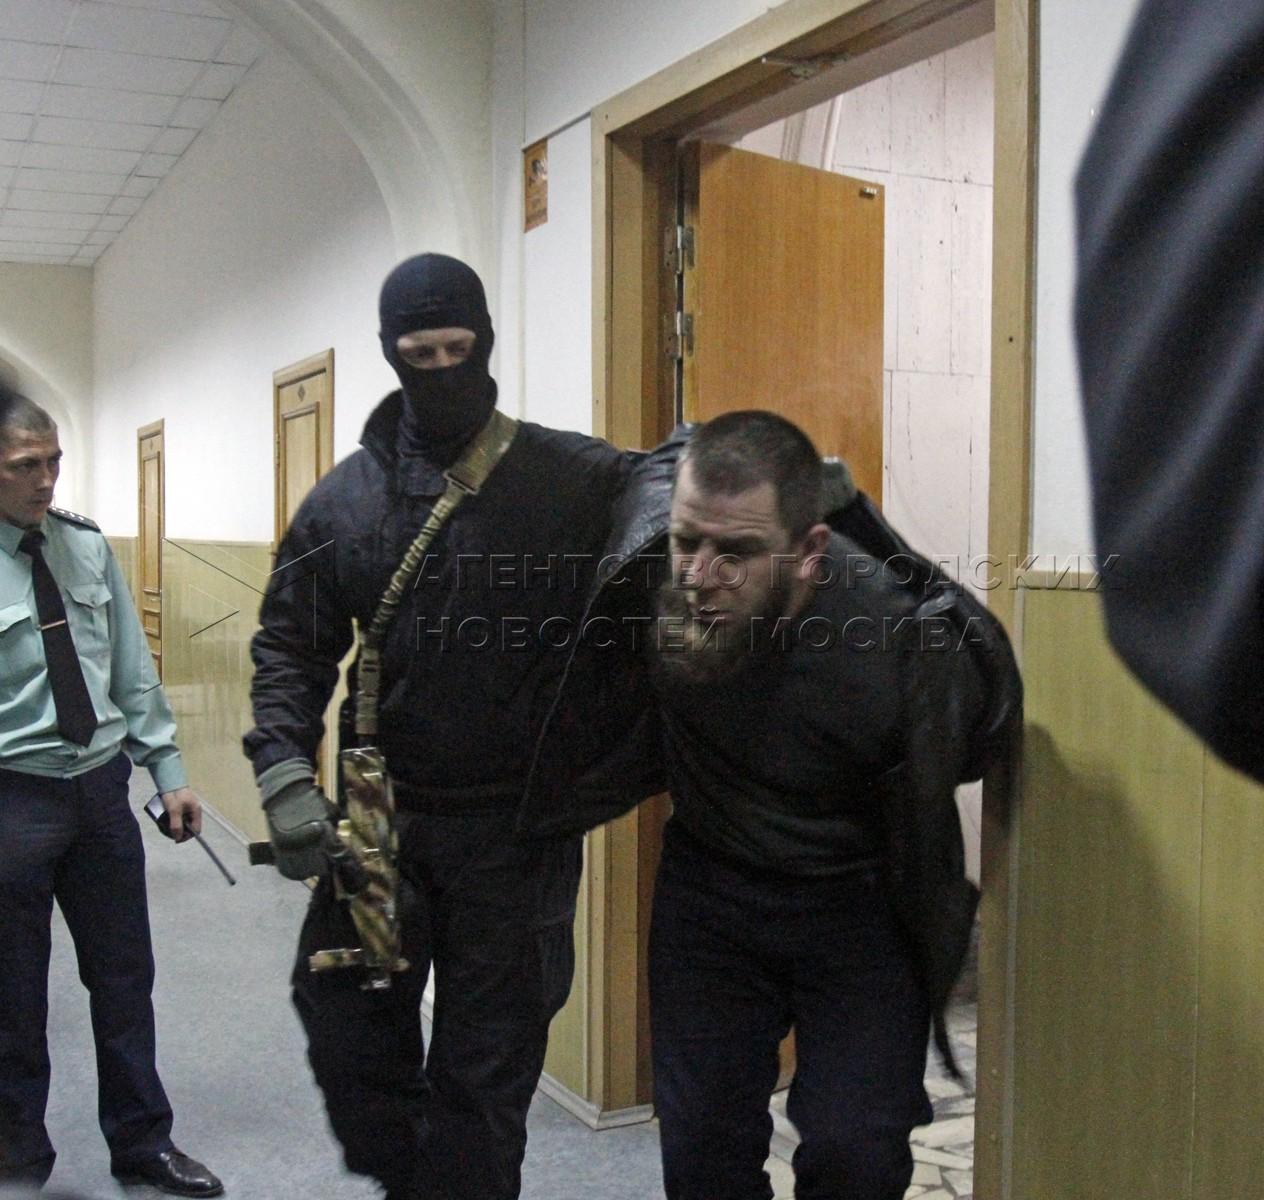 Подозреваемый по делу об убийстве политика Б.Немцова Тамерлан Эскерханов